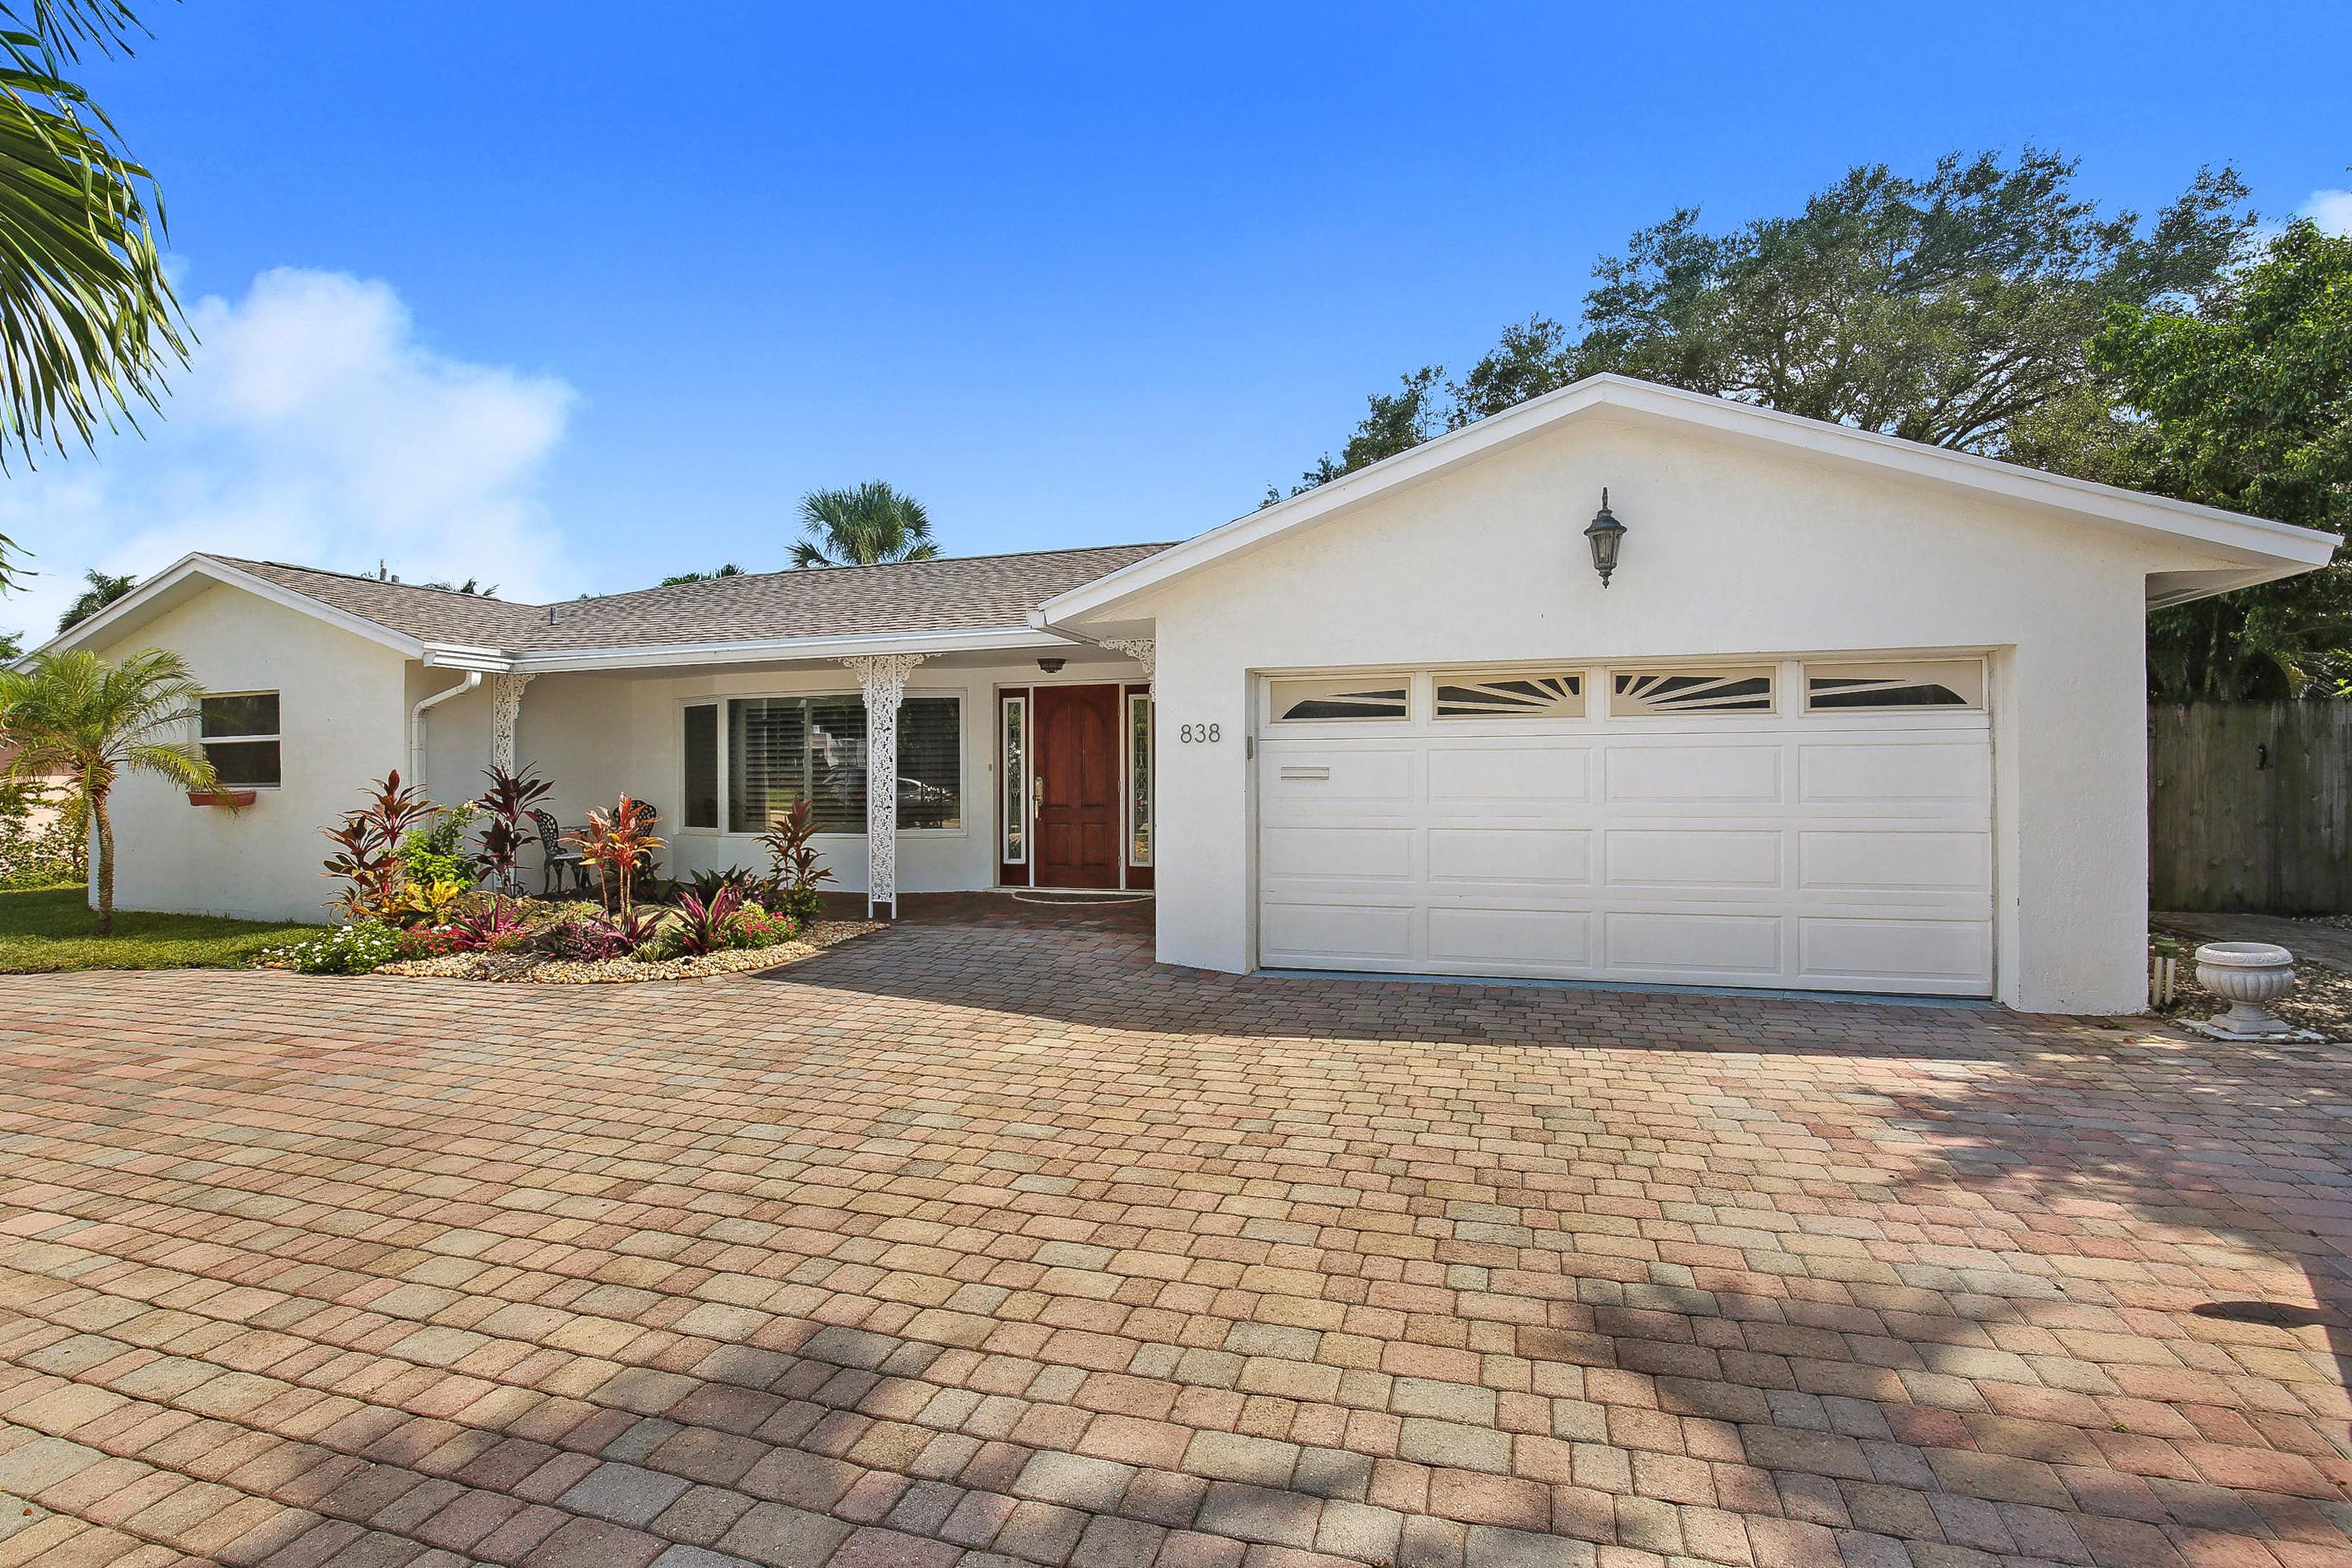 838 Palmetto Park Road, Boca Raton, Florida 33486, 2 Bedrooms Bedrooms, ,2 BathroomsBathrooms,Single Family,For Sale,Palmetto Park,RX-10463718